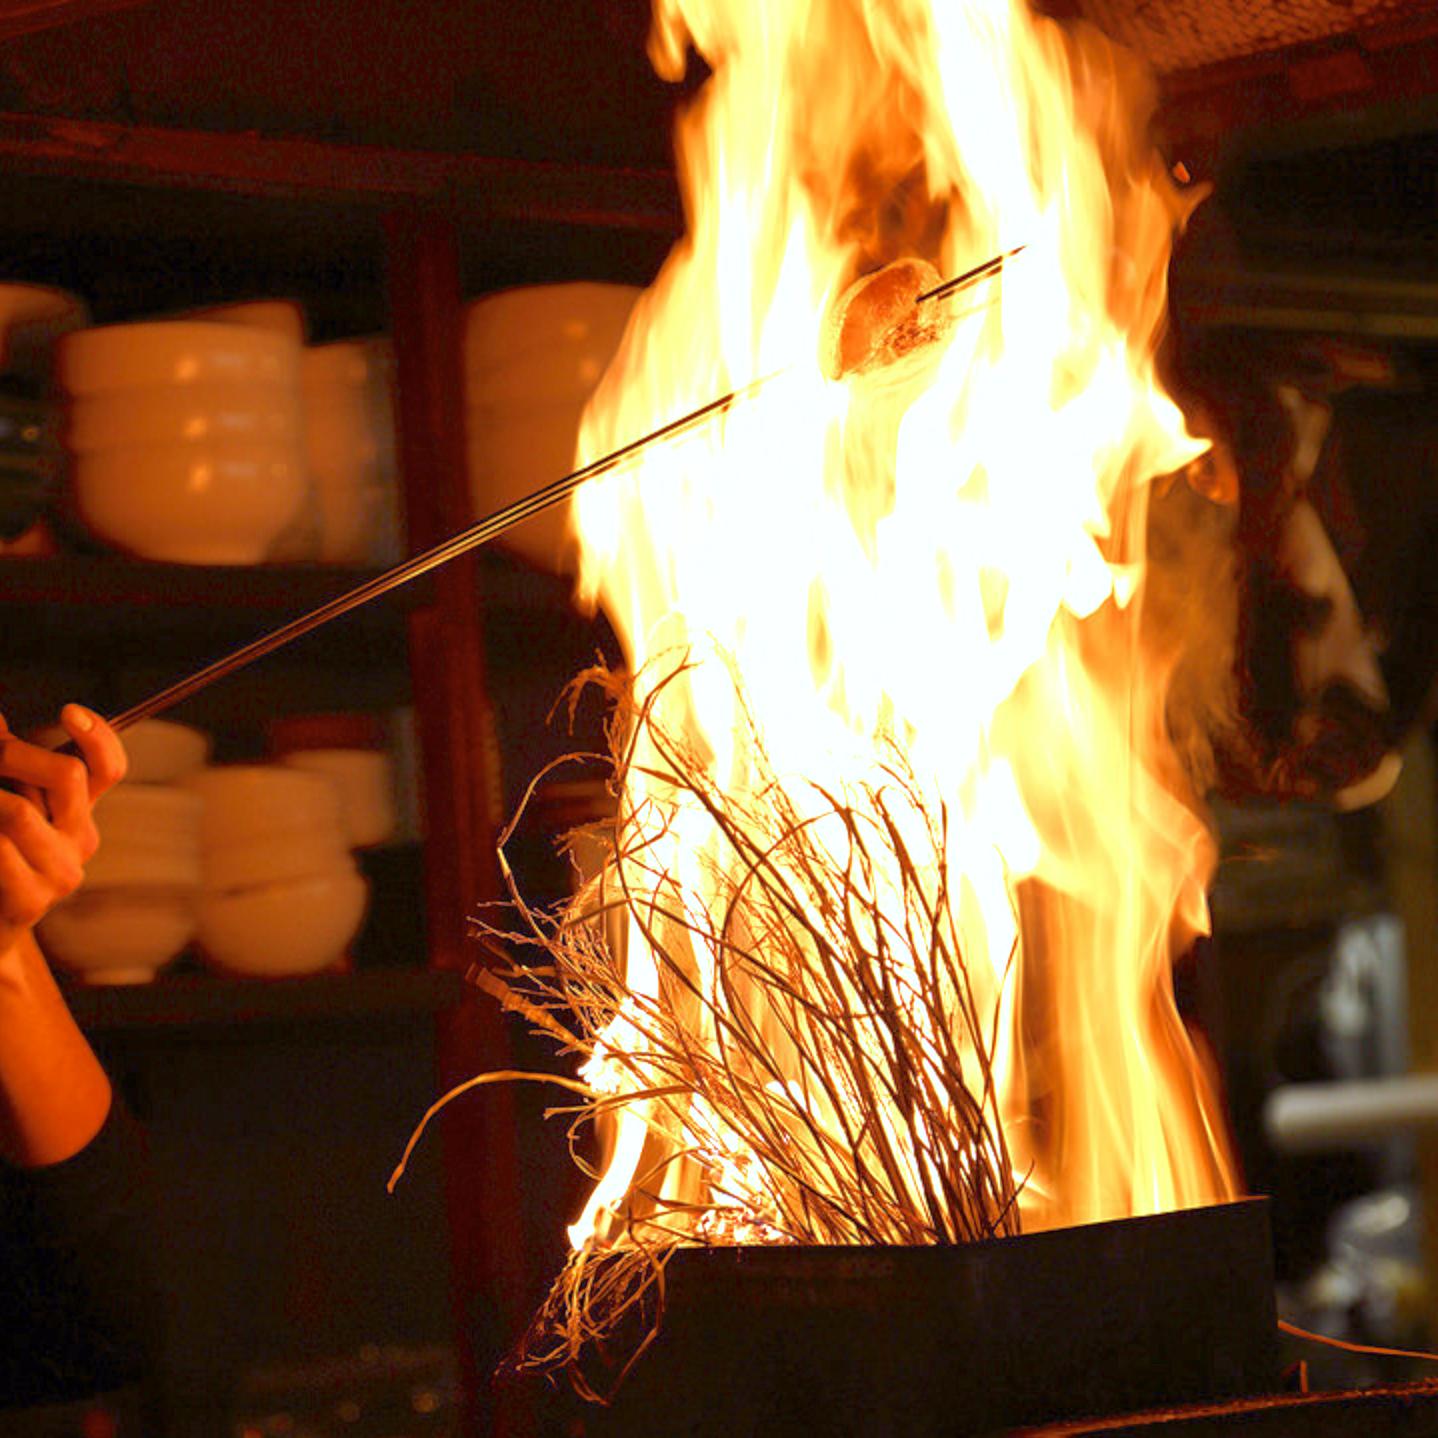 【週1日もOK】火柱あがる!ライブ感溢れるカウンターが人気の炉端屋さんでキッチンスタッフ♪